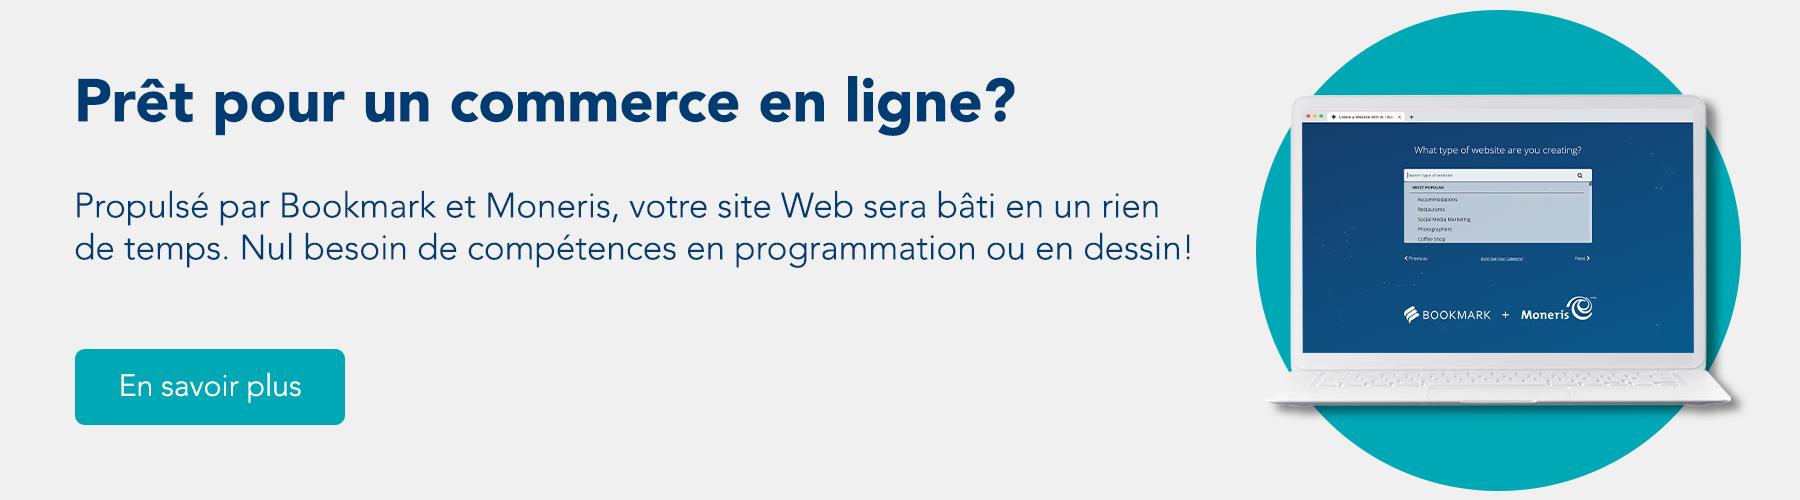 Prêt pour un commerce en ligne? Propulsé par Bookmark et Moneris, votre site Web sera bâti en un rien de temps. Nul besoin de compétences en programmation ou en dessin! En savoir plus.